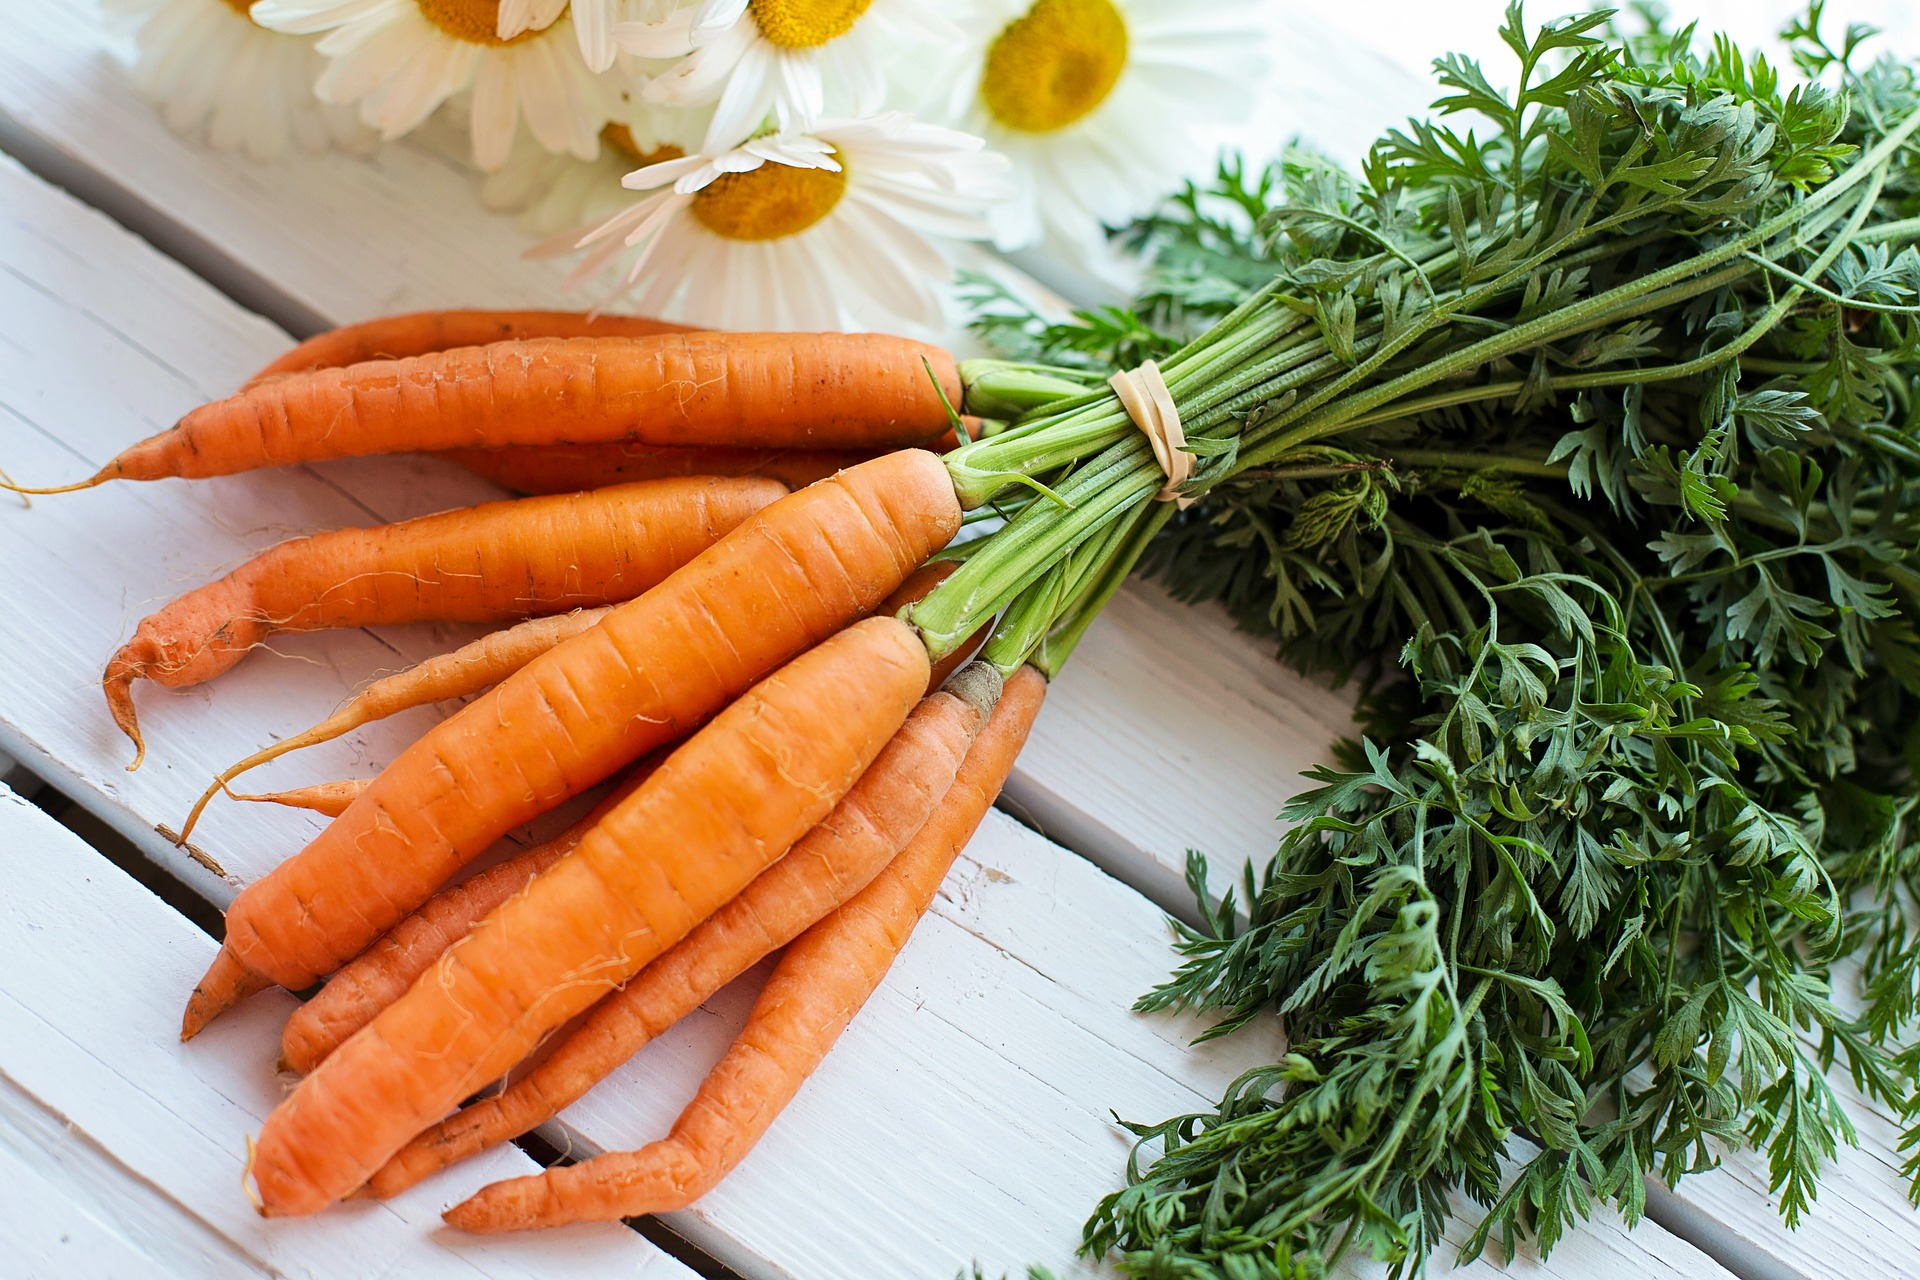 Ventajas y desventajas de los alimentos crudos